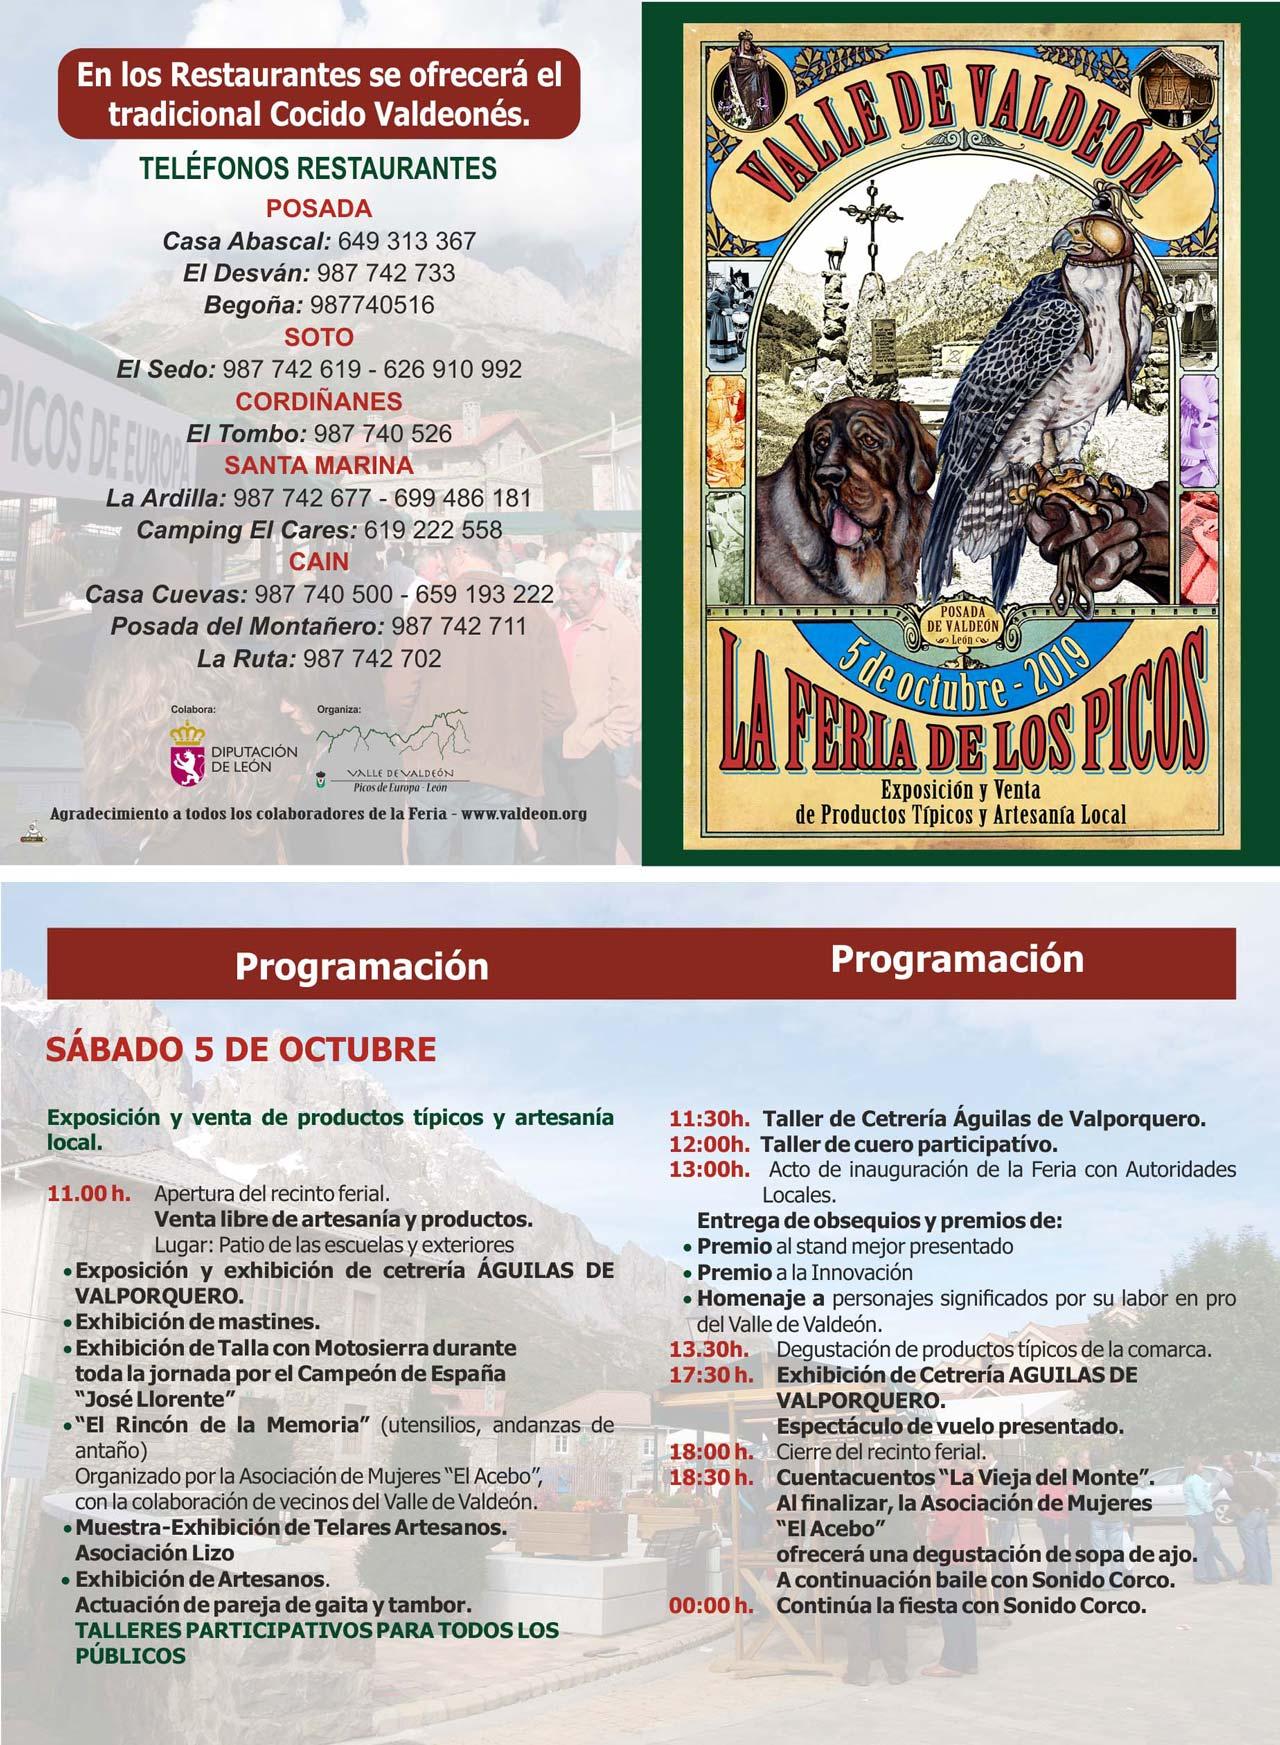 Programa Feria de los Picos 2019